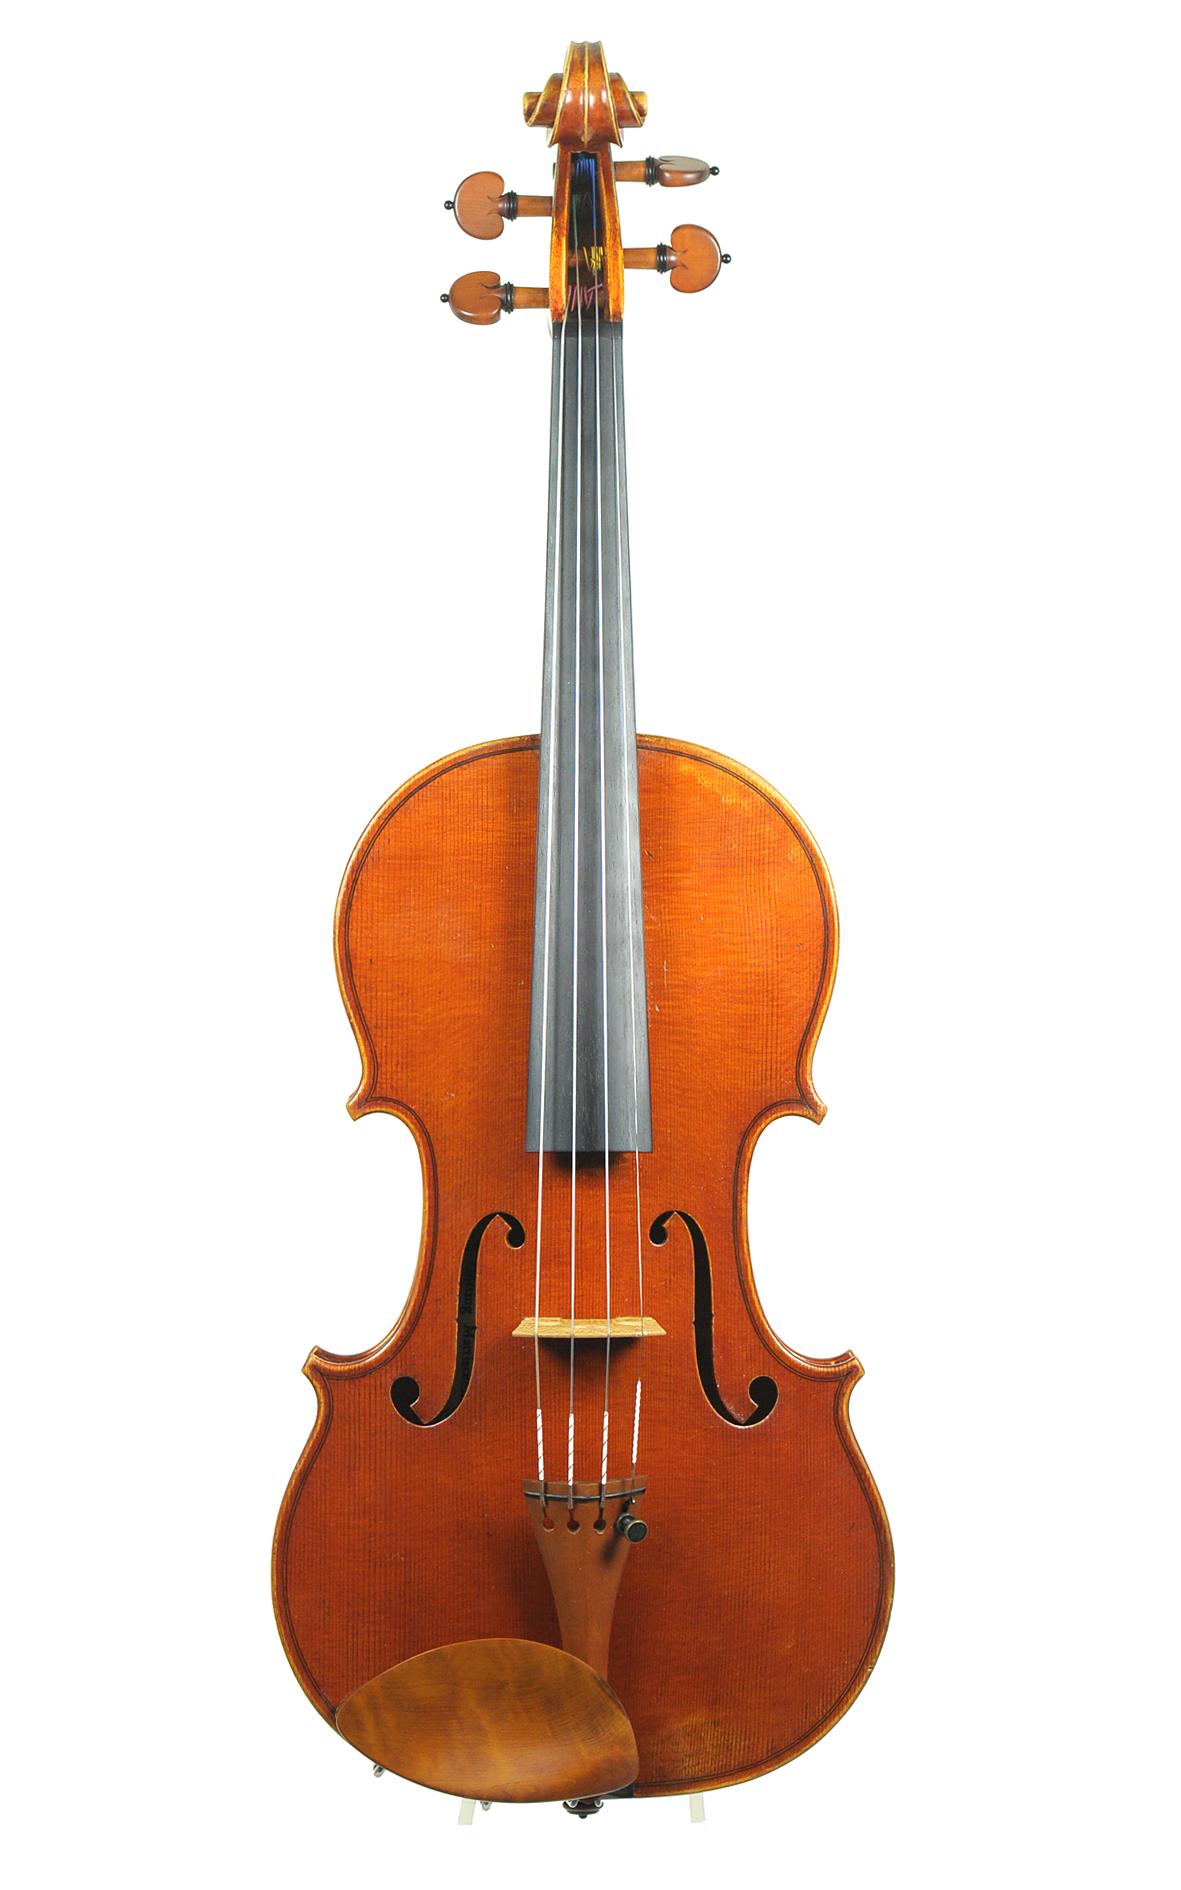 Zeitgenössische Geige von Christoph Götting, 2010